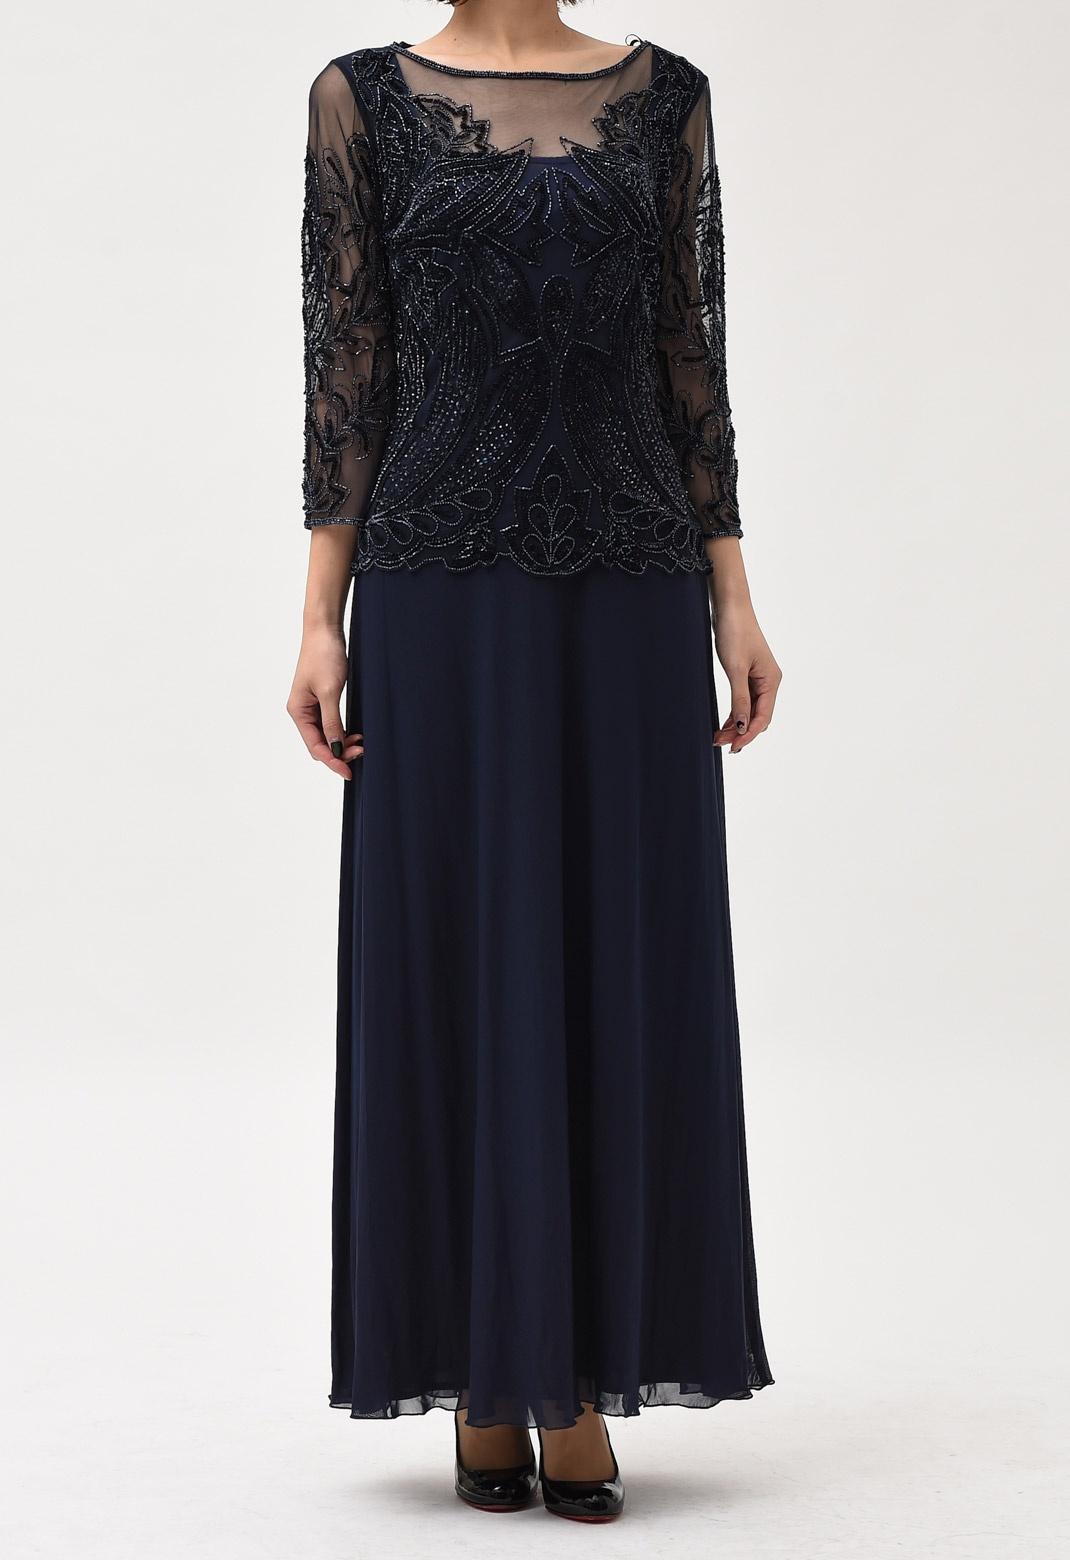 ストレッチ チュール×ビーズ 刺繍 ロング ドレス <US8サイズ>